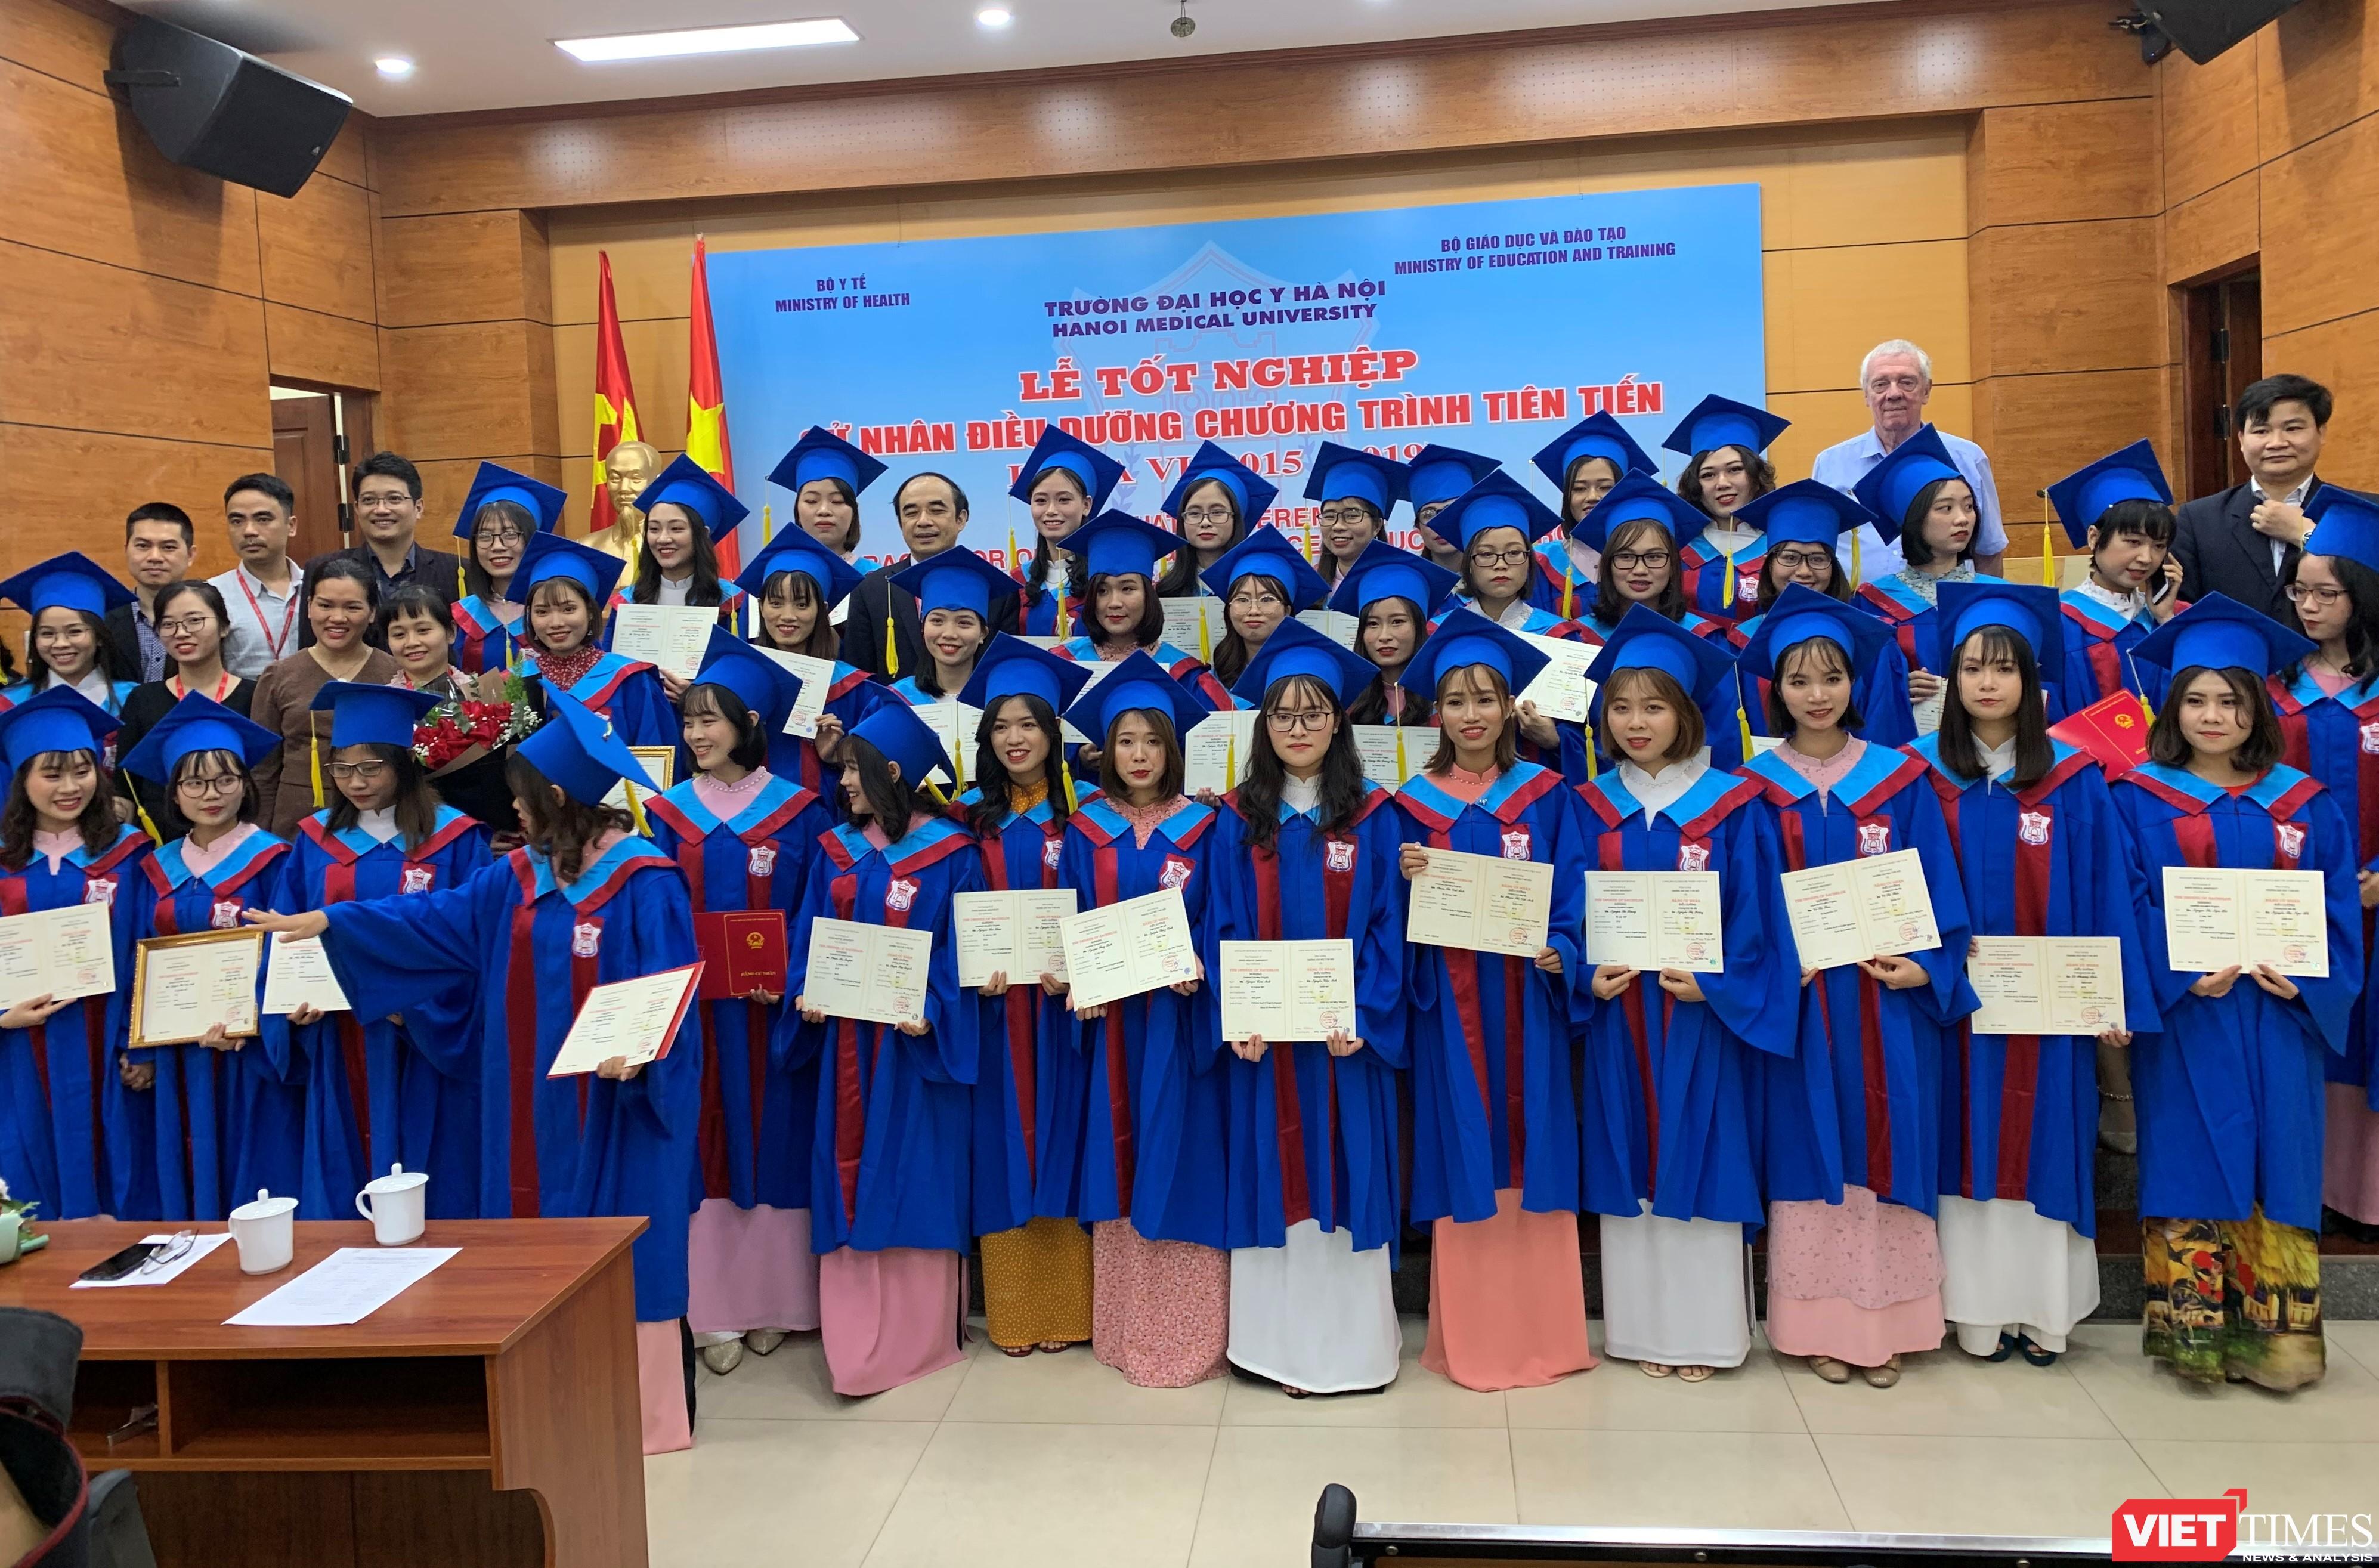 36 cử nhân điều dưỡng đào tạo theo chương trình tiên tiến nhận bằng tốt nghiệp